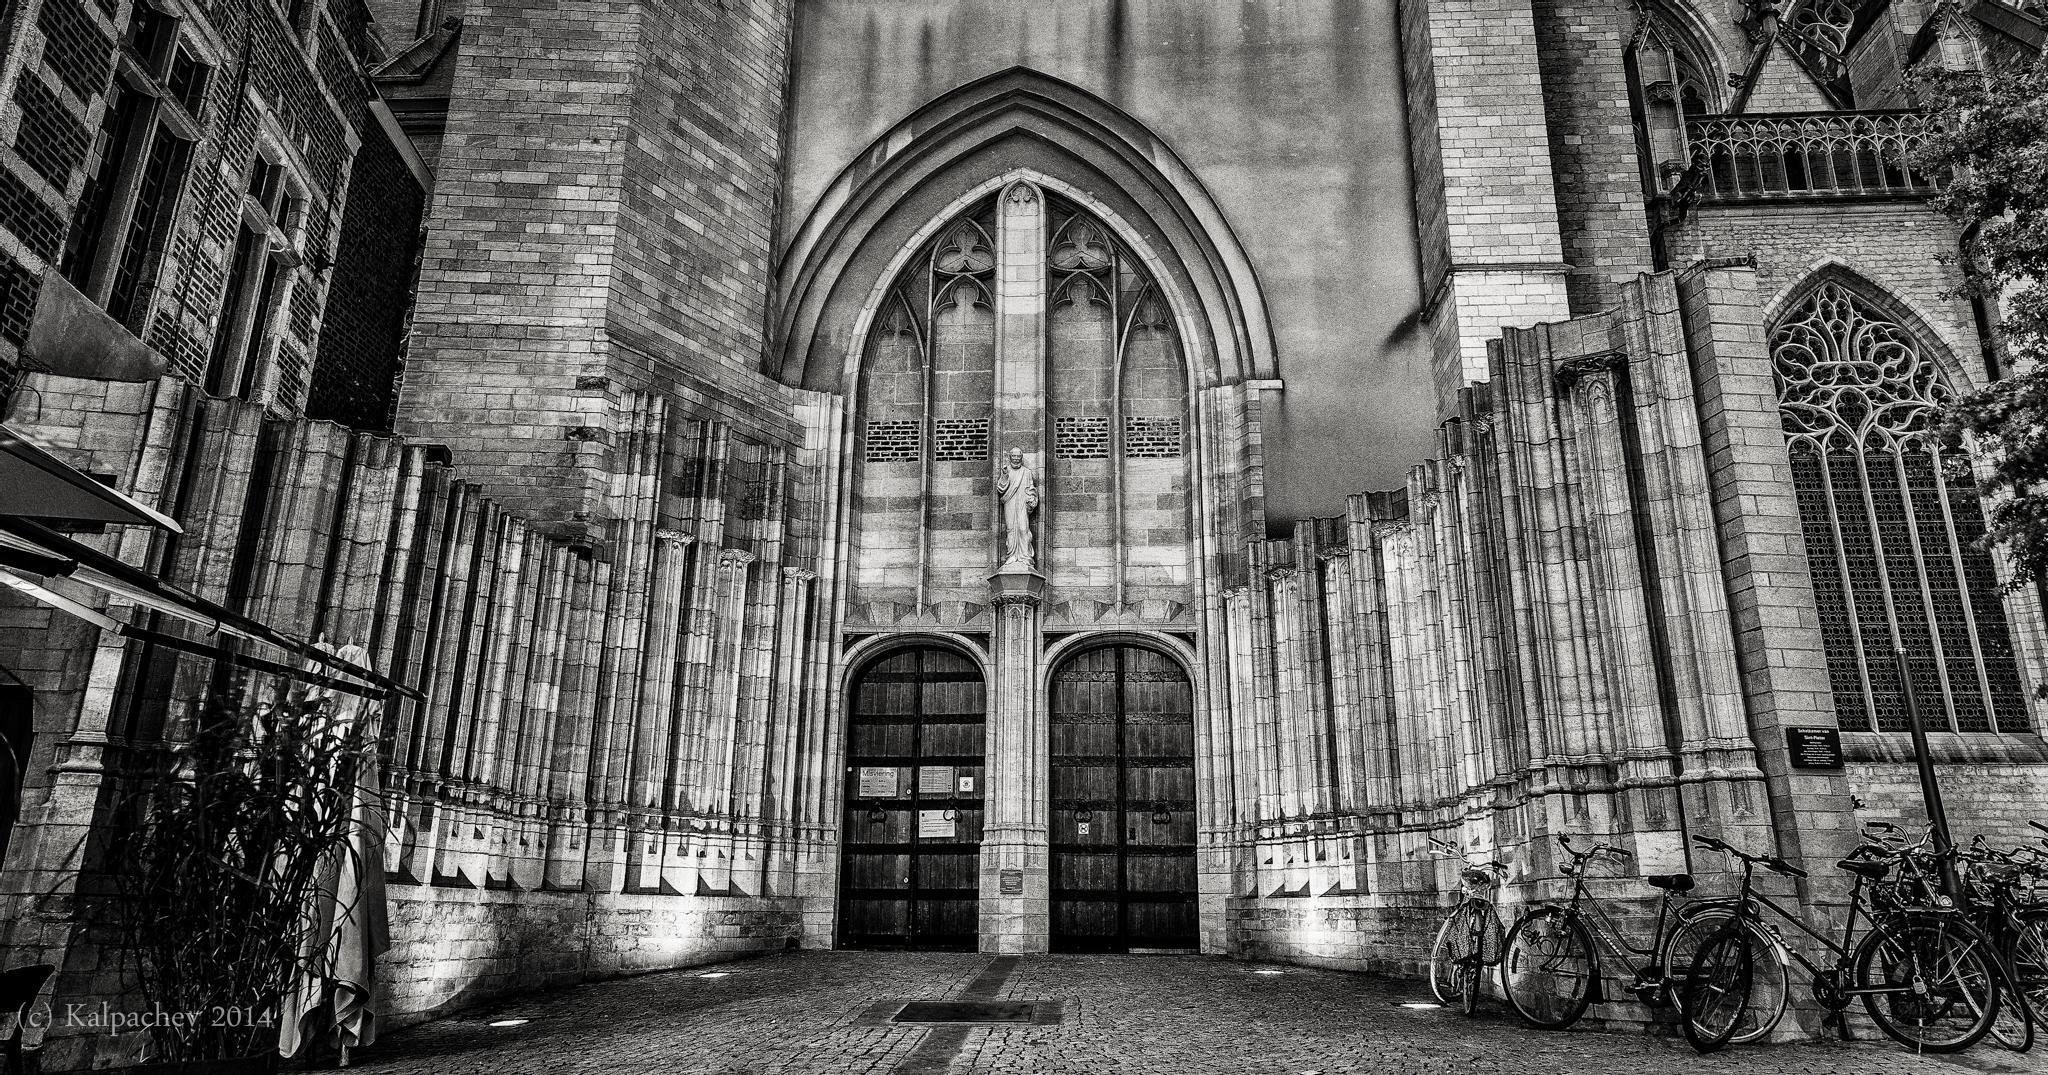 The St. Peter's Church, Leuven, Belgium by Kalin Kalpachev